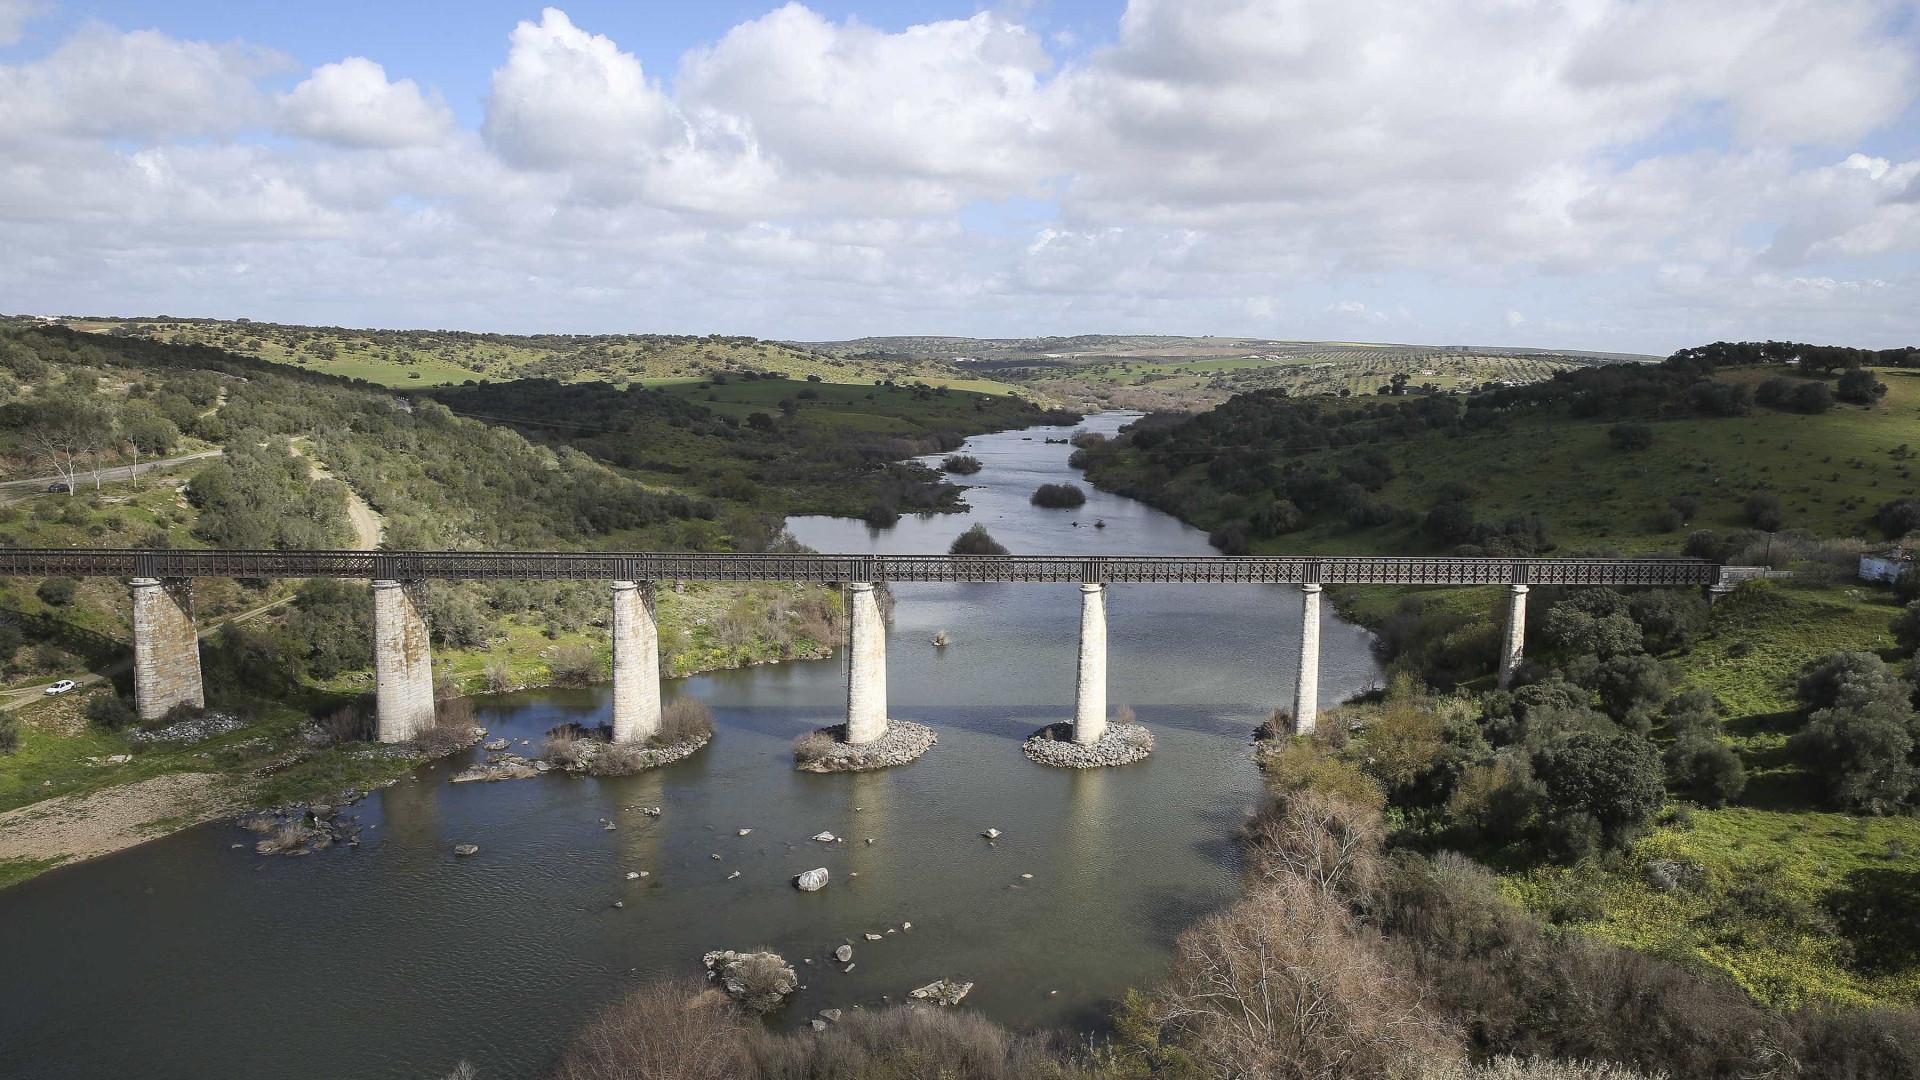 Homem encontrado morto em barragem no rio Guadiana é romeno